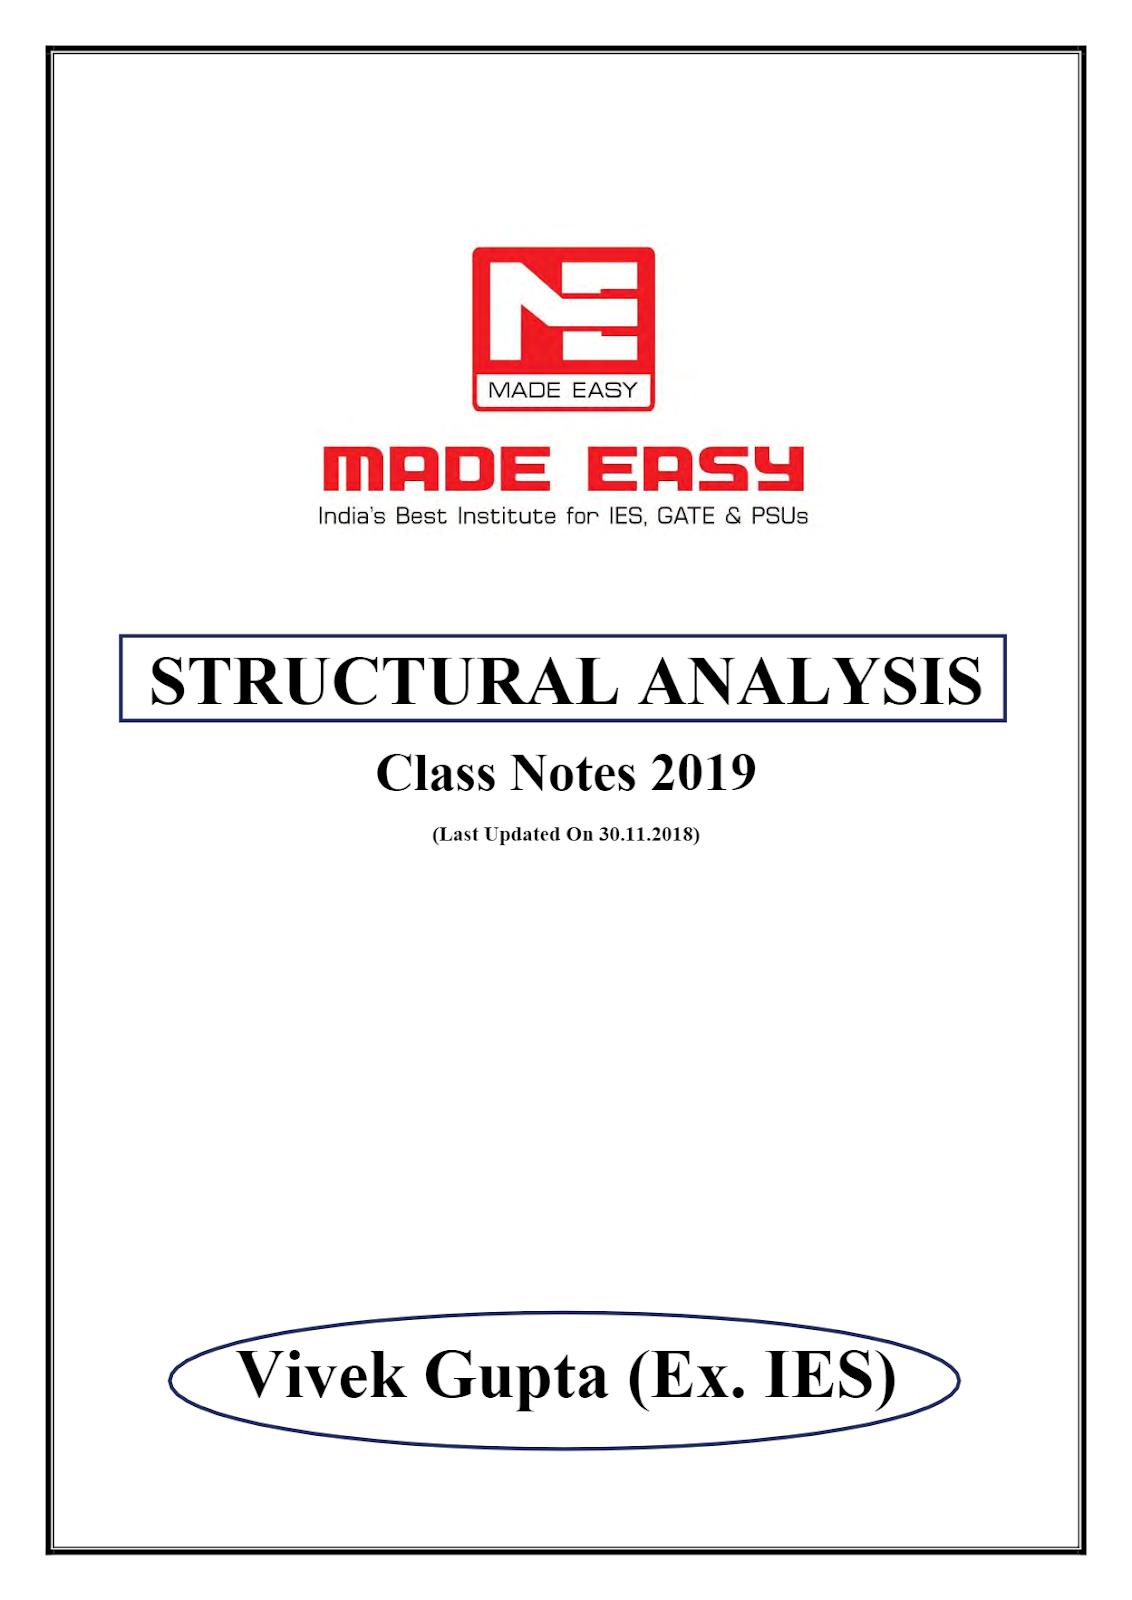 Structure analysis handwritten notes